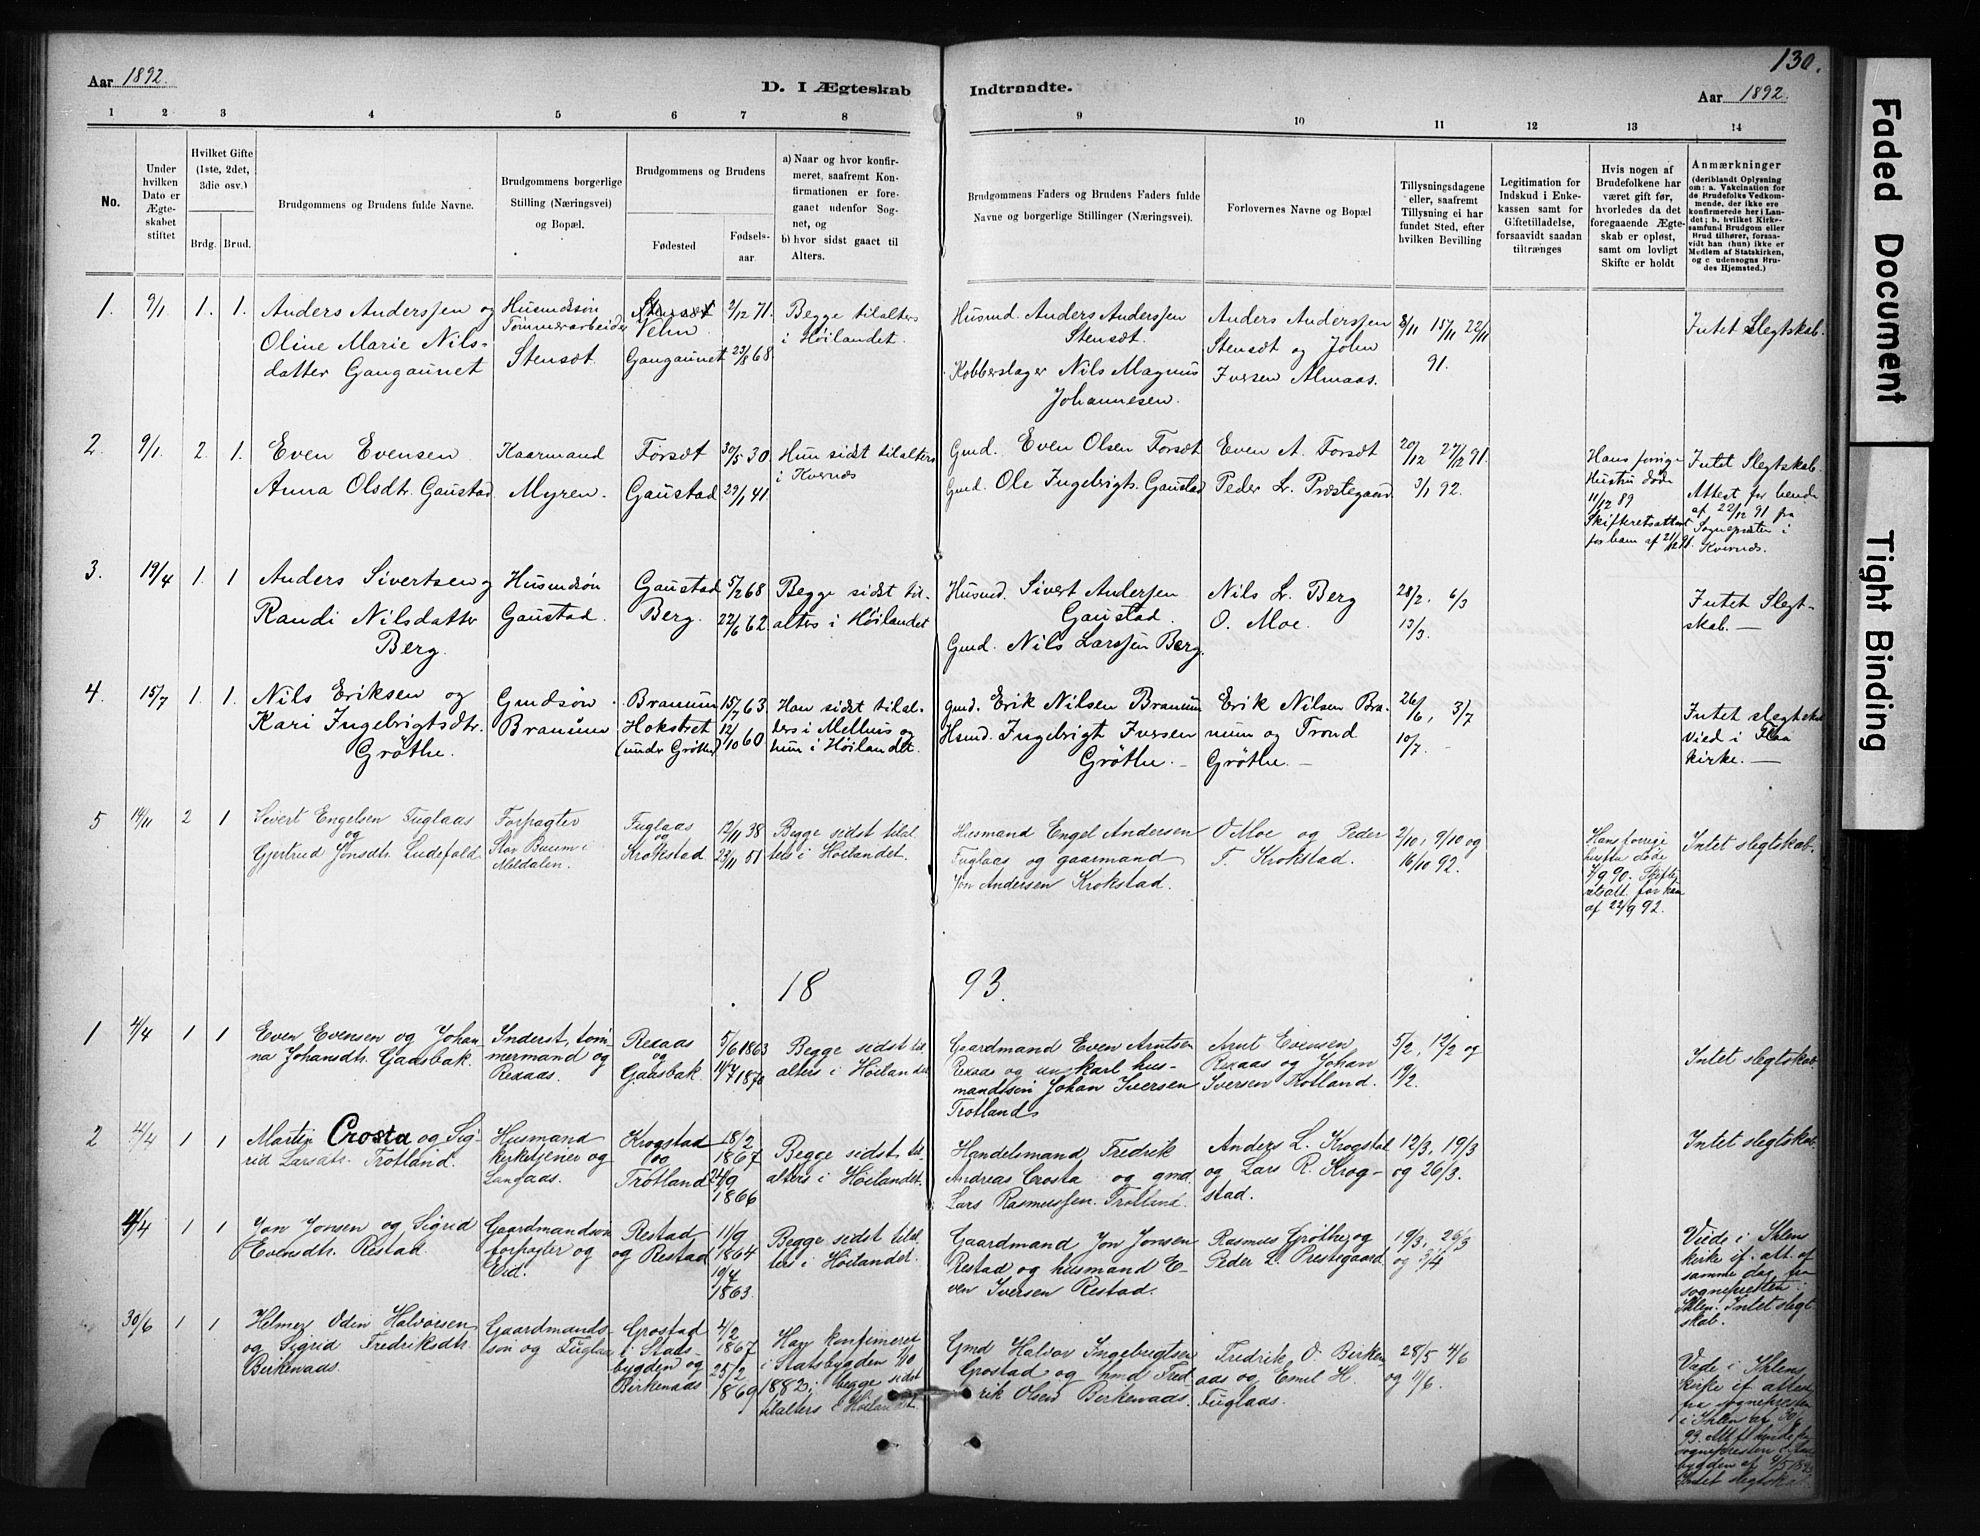 SAT, Ministerialprotokoller, klokkerbøker og fødselsregistre - Sør-Trøndelag, 694/L1127: Ministerialbok nr. 694A01, 1887-1905, s. 130